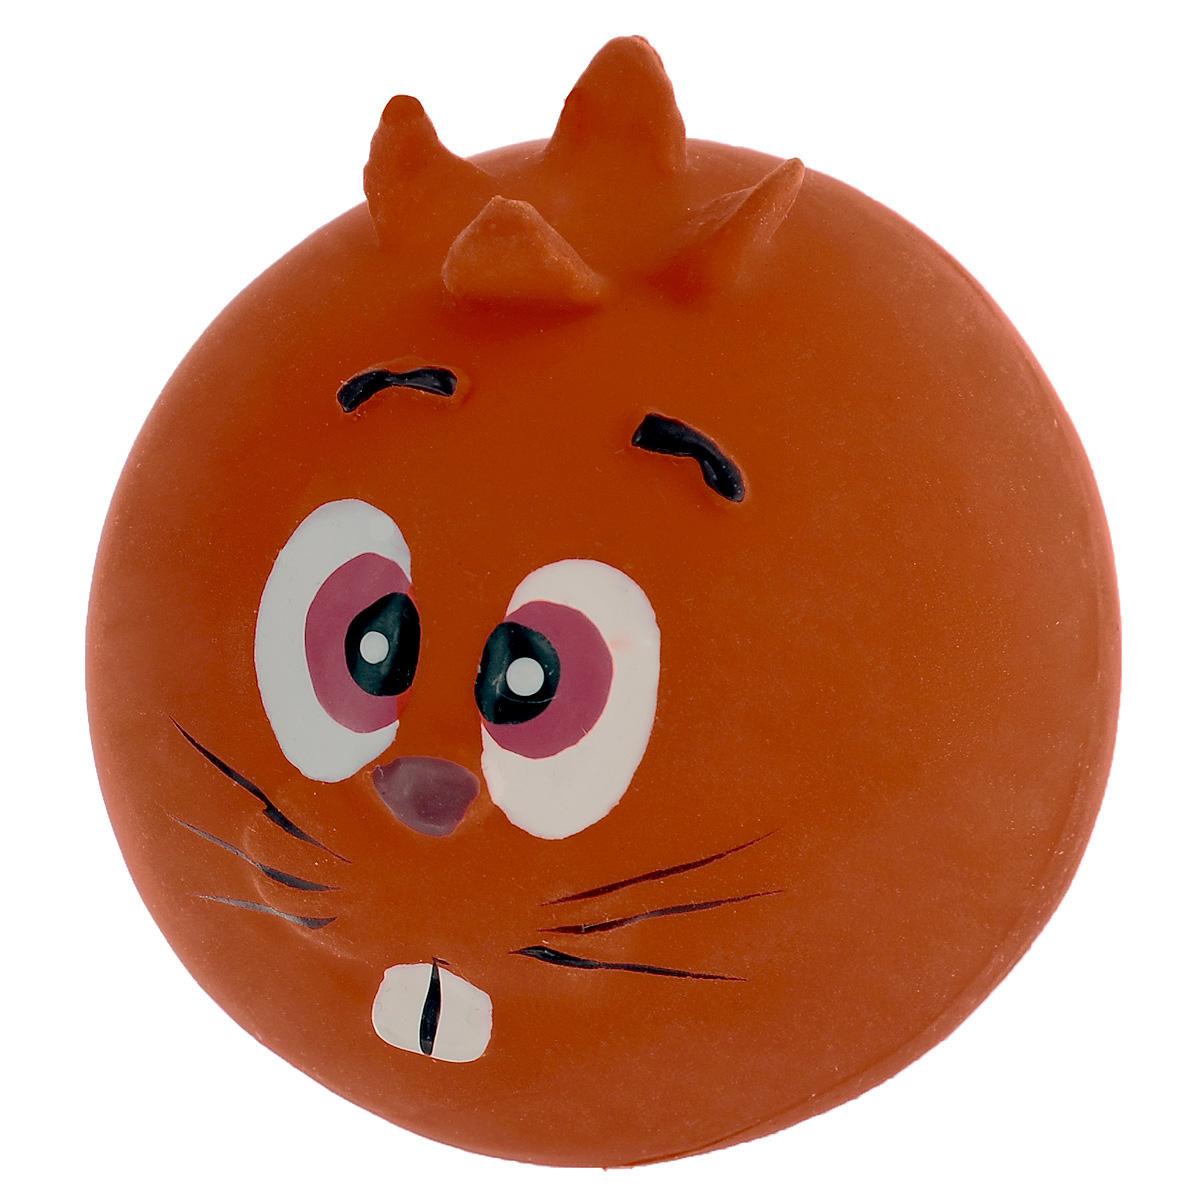 Игрушка для собак I.P.T.S. Мяч с мордочкой, цвет: оранжевый, диаметр 7 см16291 оранжевыйИгрушка для собак I.P.T.S. Мяч с мордочкой, изготовленная из высококачественного латекса, выполнена в виде мячика с милой мордочкой. Такая игрушка порадует вашего любимца, а вам доставит массу приятных эмоций, ведь наблюдать за игрой всегда интересно и приятно. Оставшись в одиночестве, ваша собака будет увлеченно играть.Диаметр: 7 см.